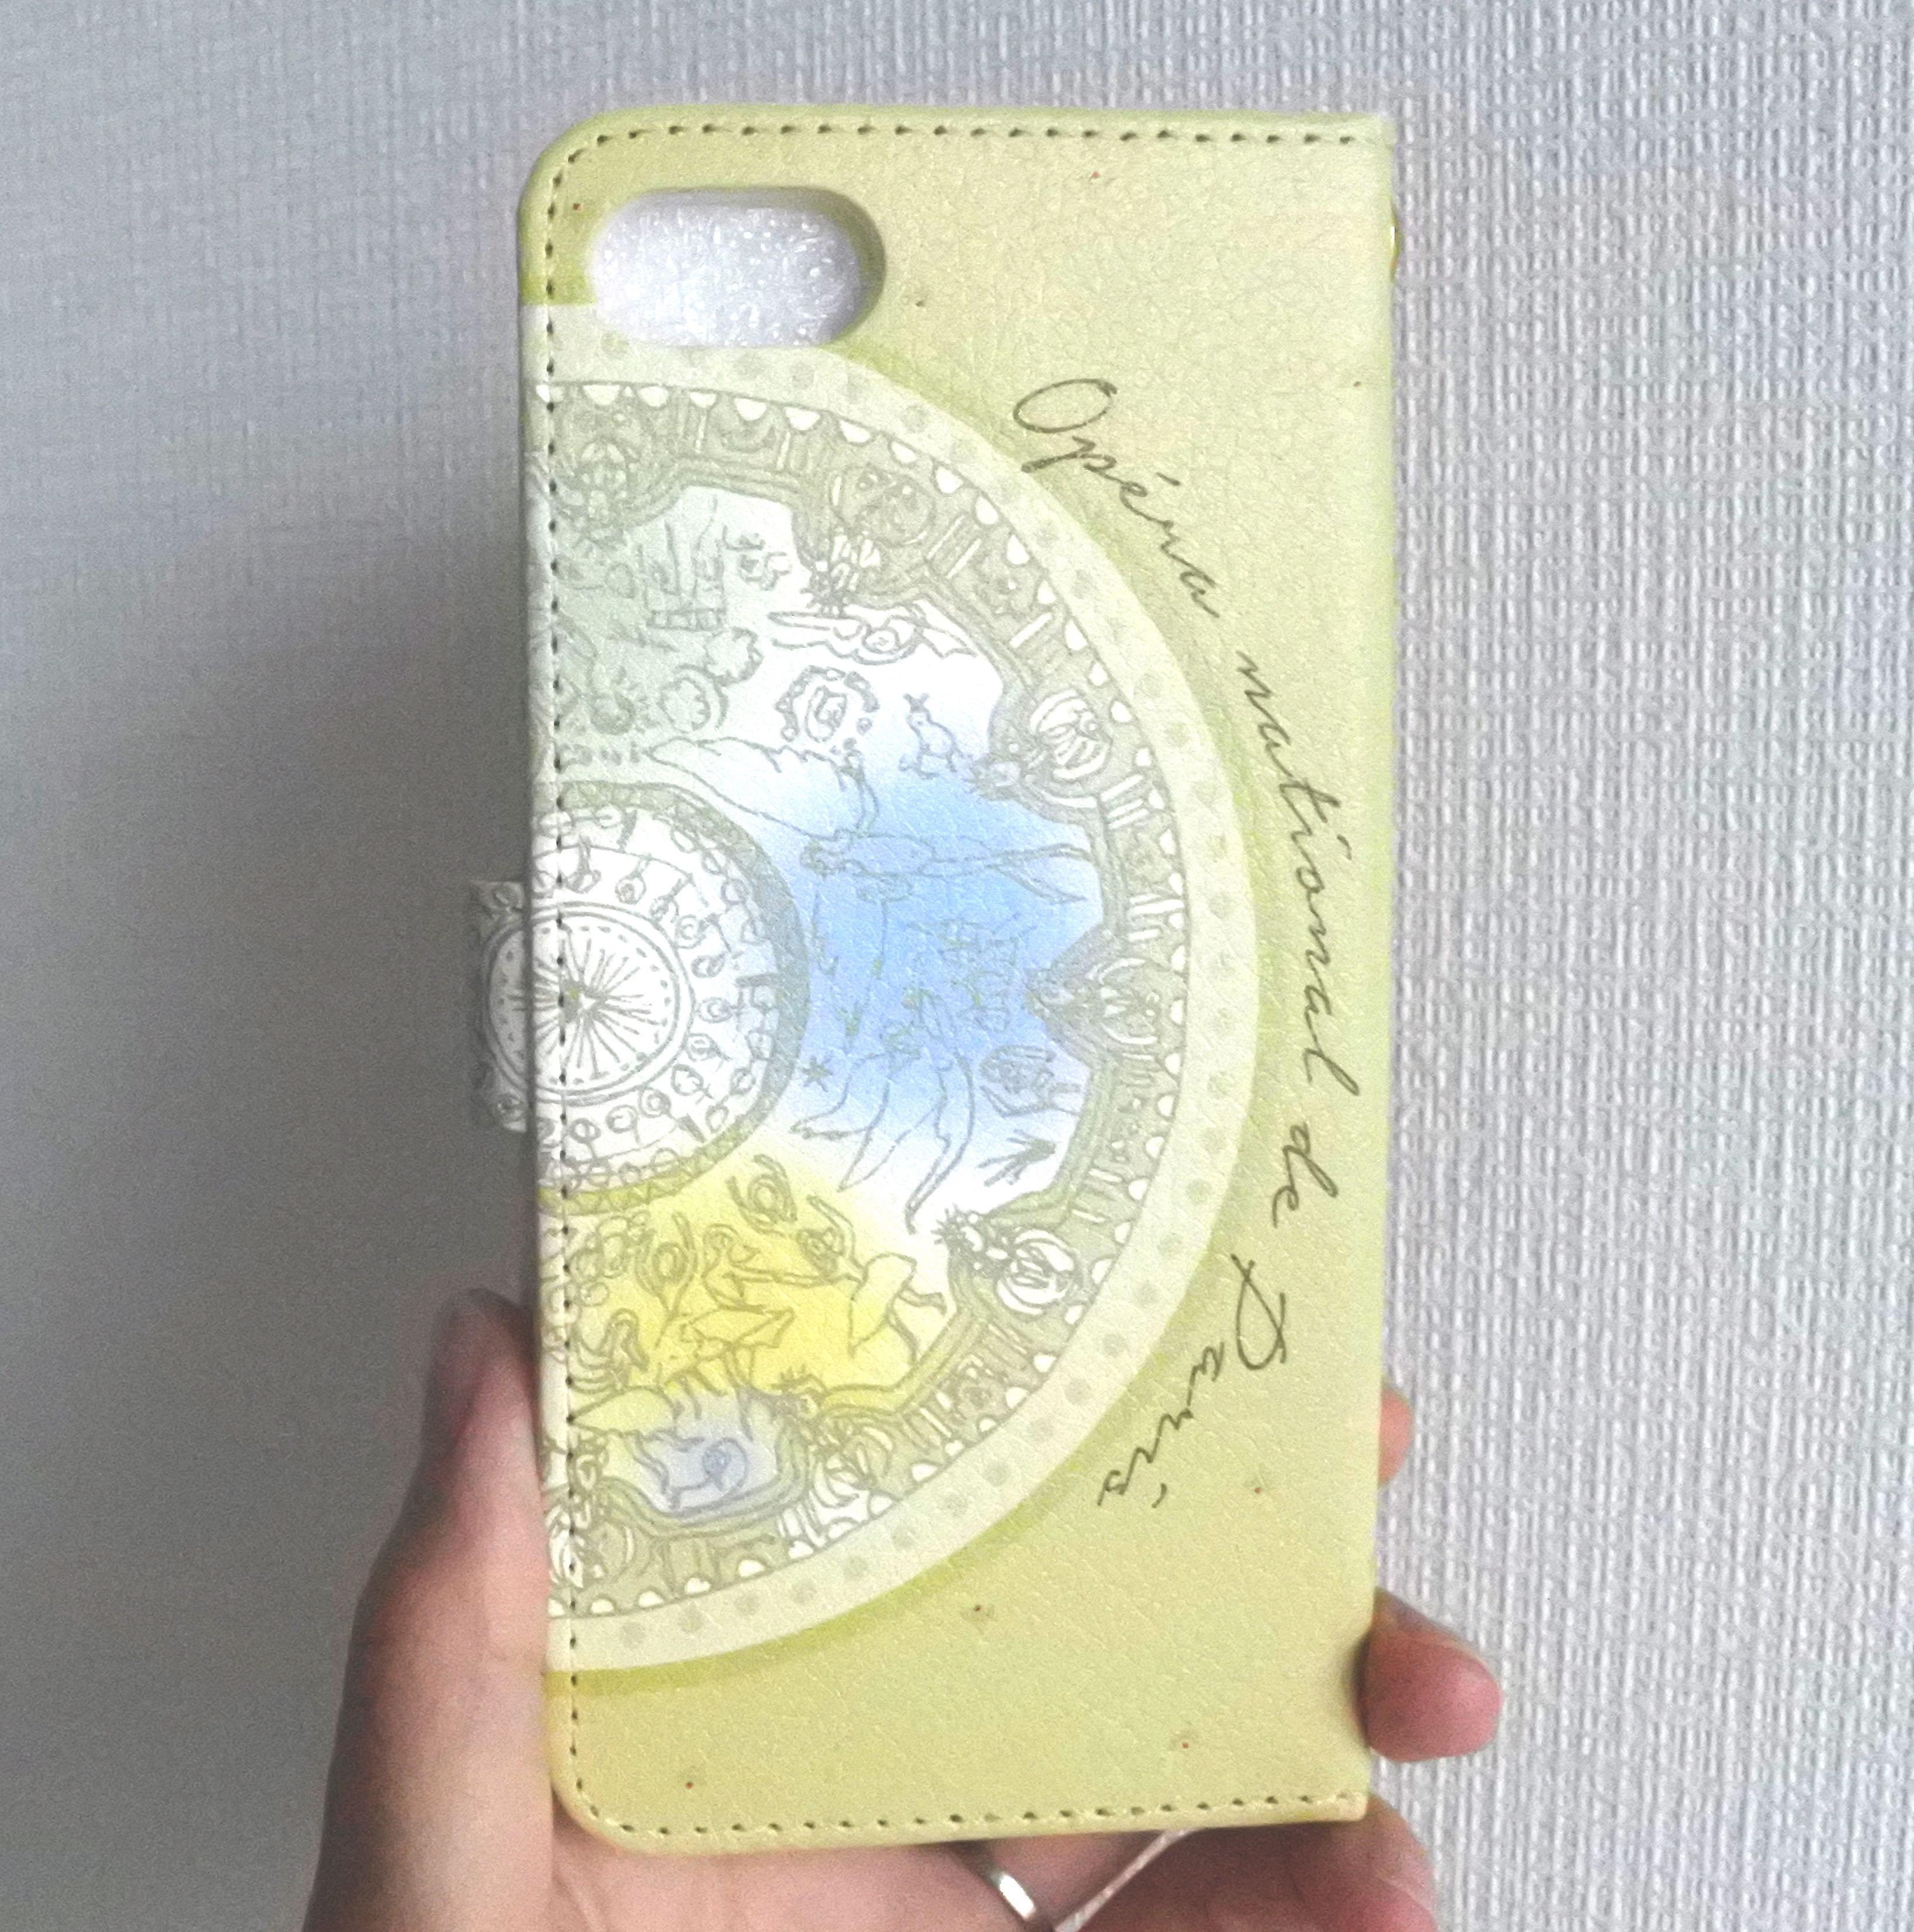 ★パリ・オペラ座コラボ★ (iPhone)オニールハナ 手帳型スマホケース - 画像2